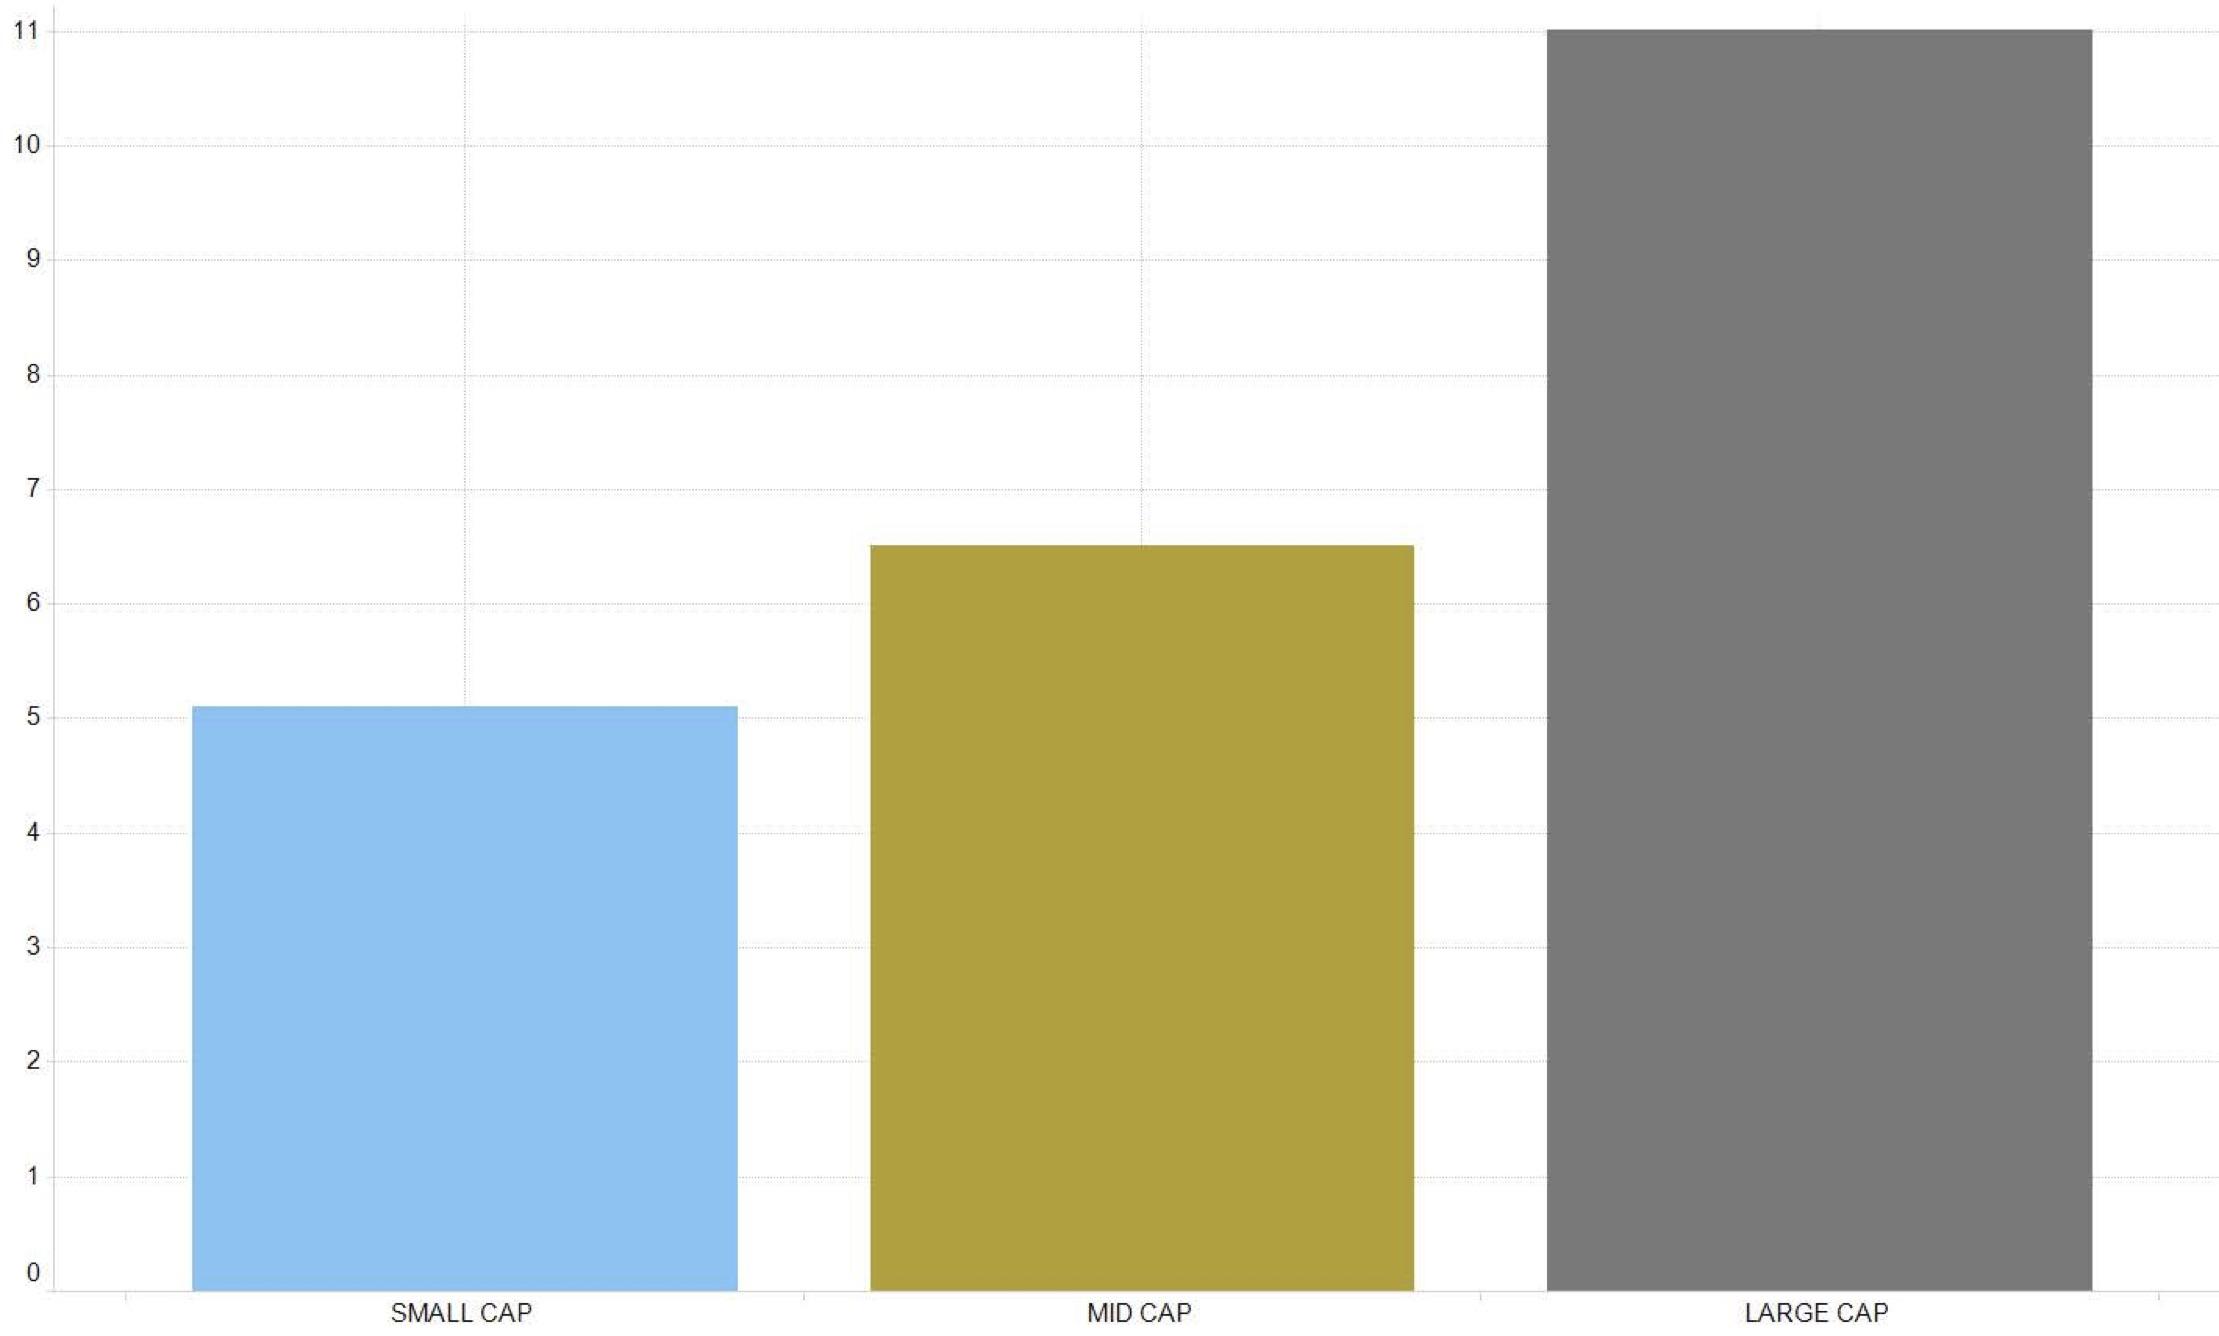 نمودار بالادست مقیاس بالادست ماندگار است - اندازه حق بیمه